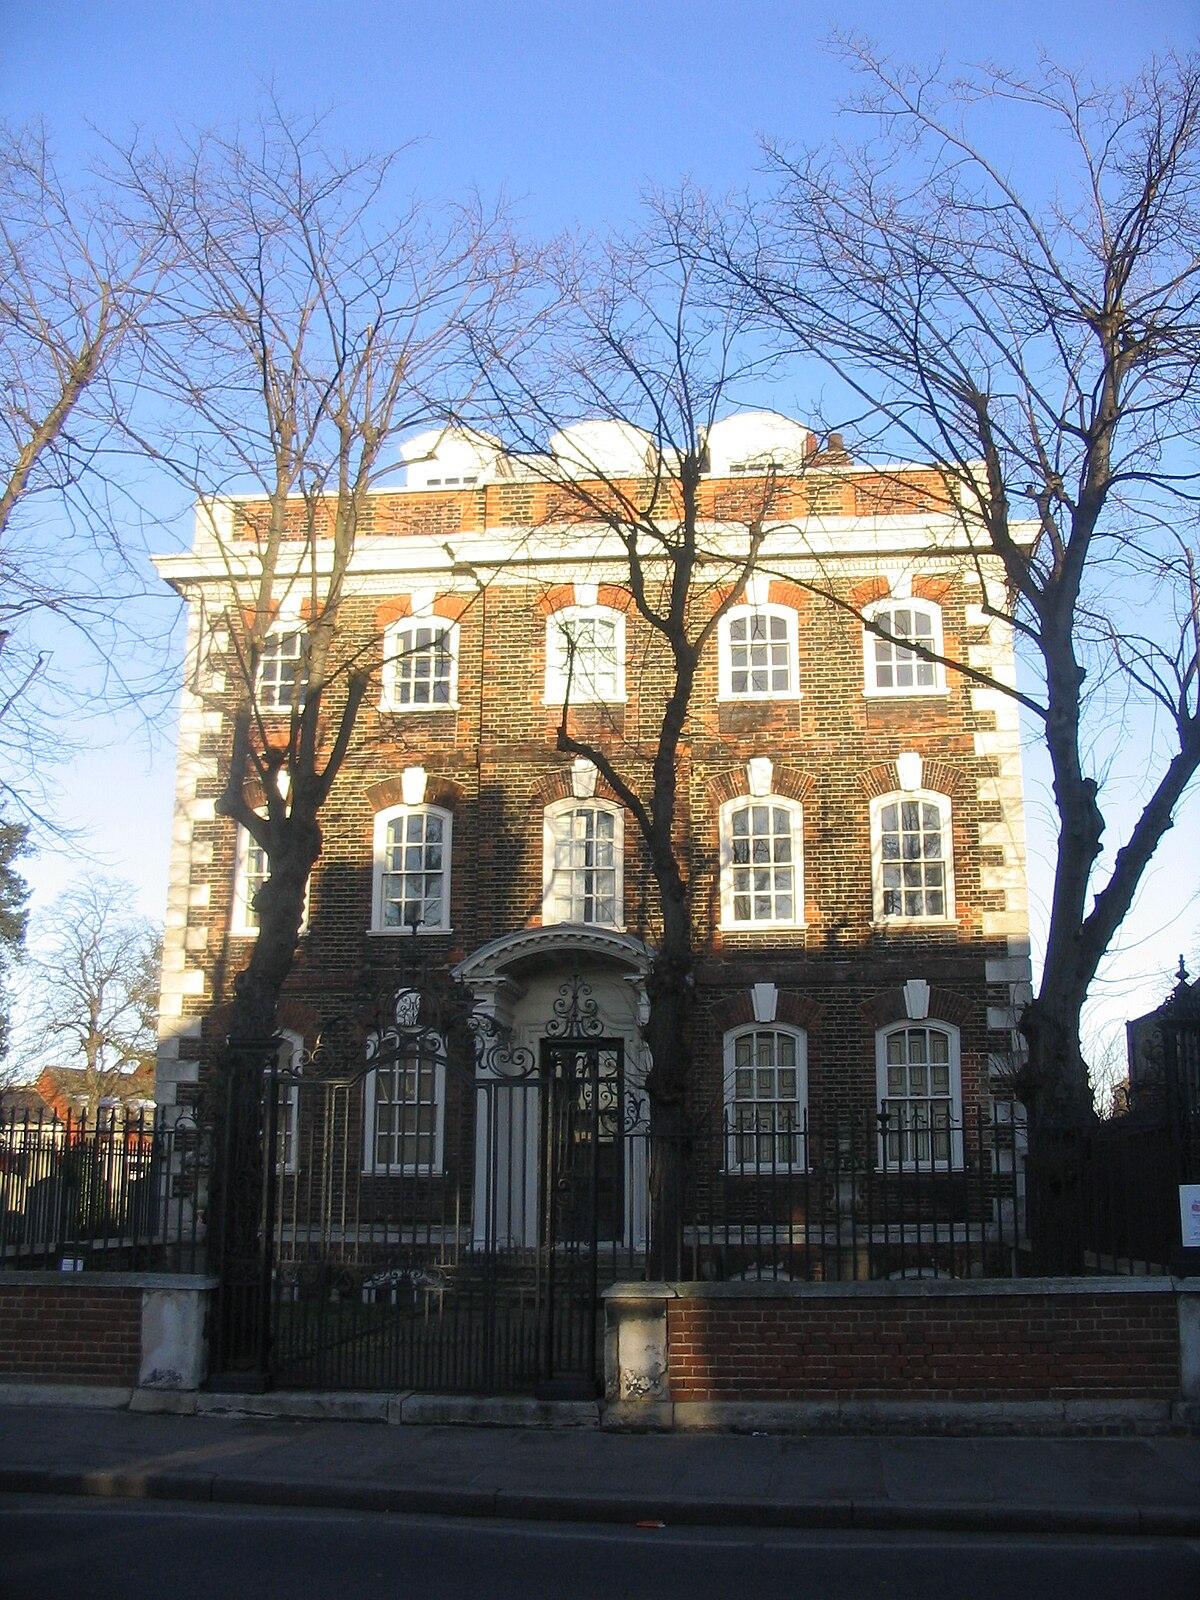 Rainham London  Wikipedia